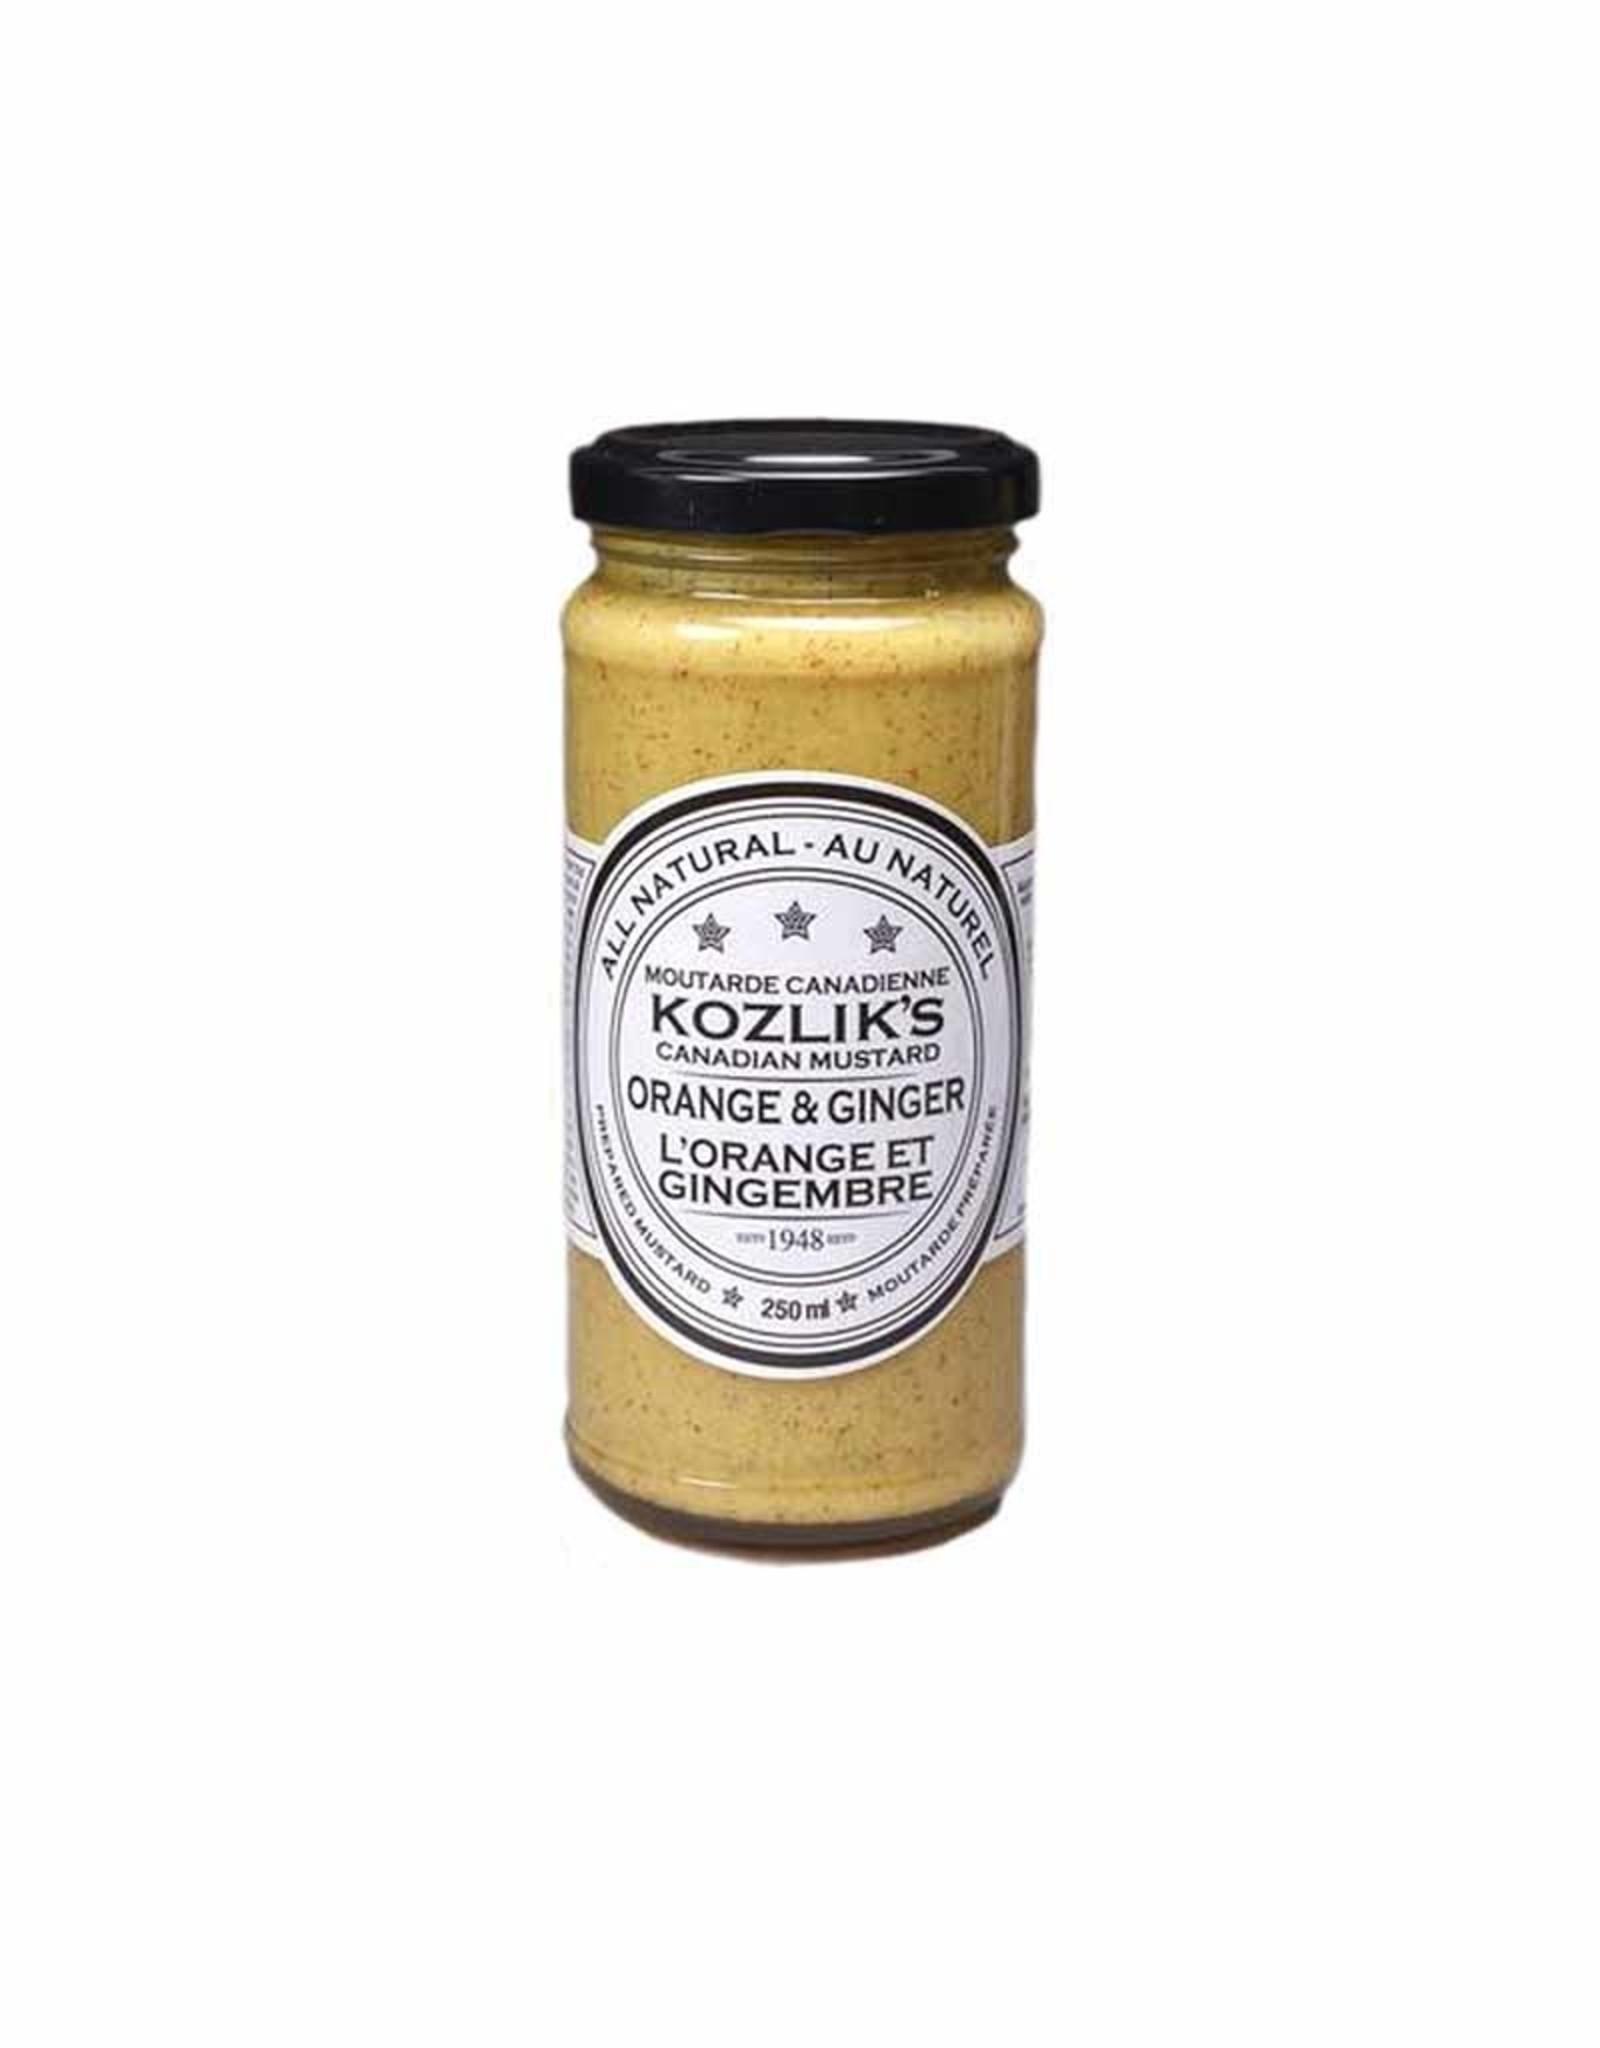 Kozliks Kozlik's - Mustard, Orange & Ginger (250ml)